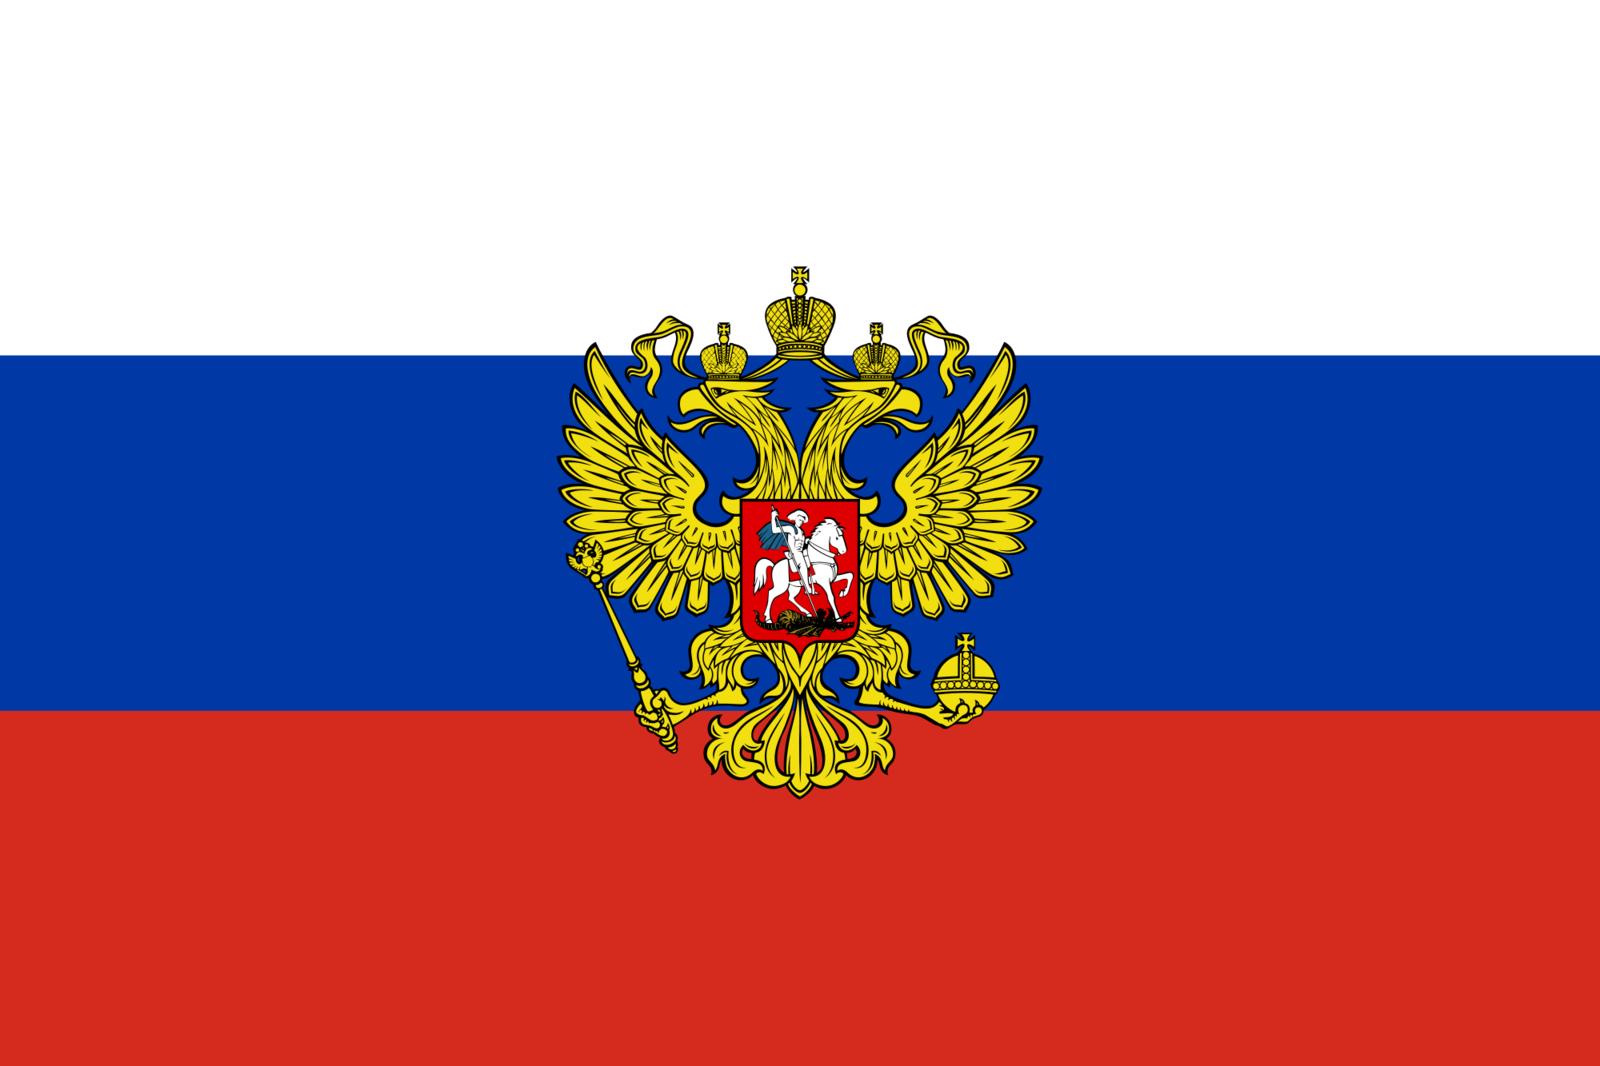 Atual Brasão Russo - de volta à águia com duas cabeças, da época imperial